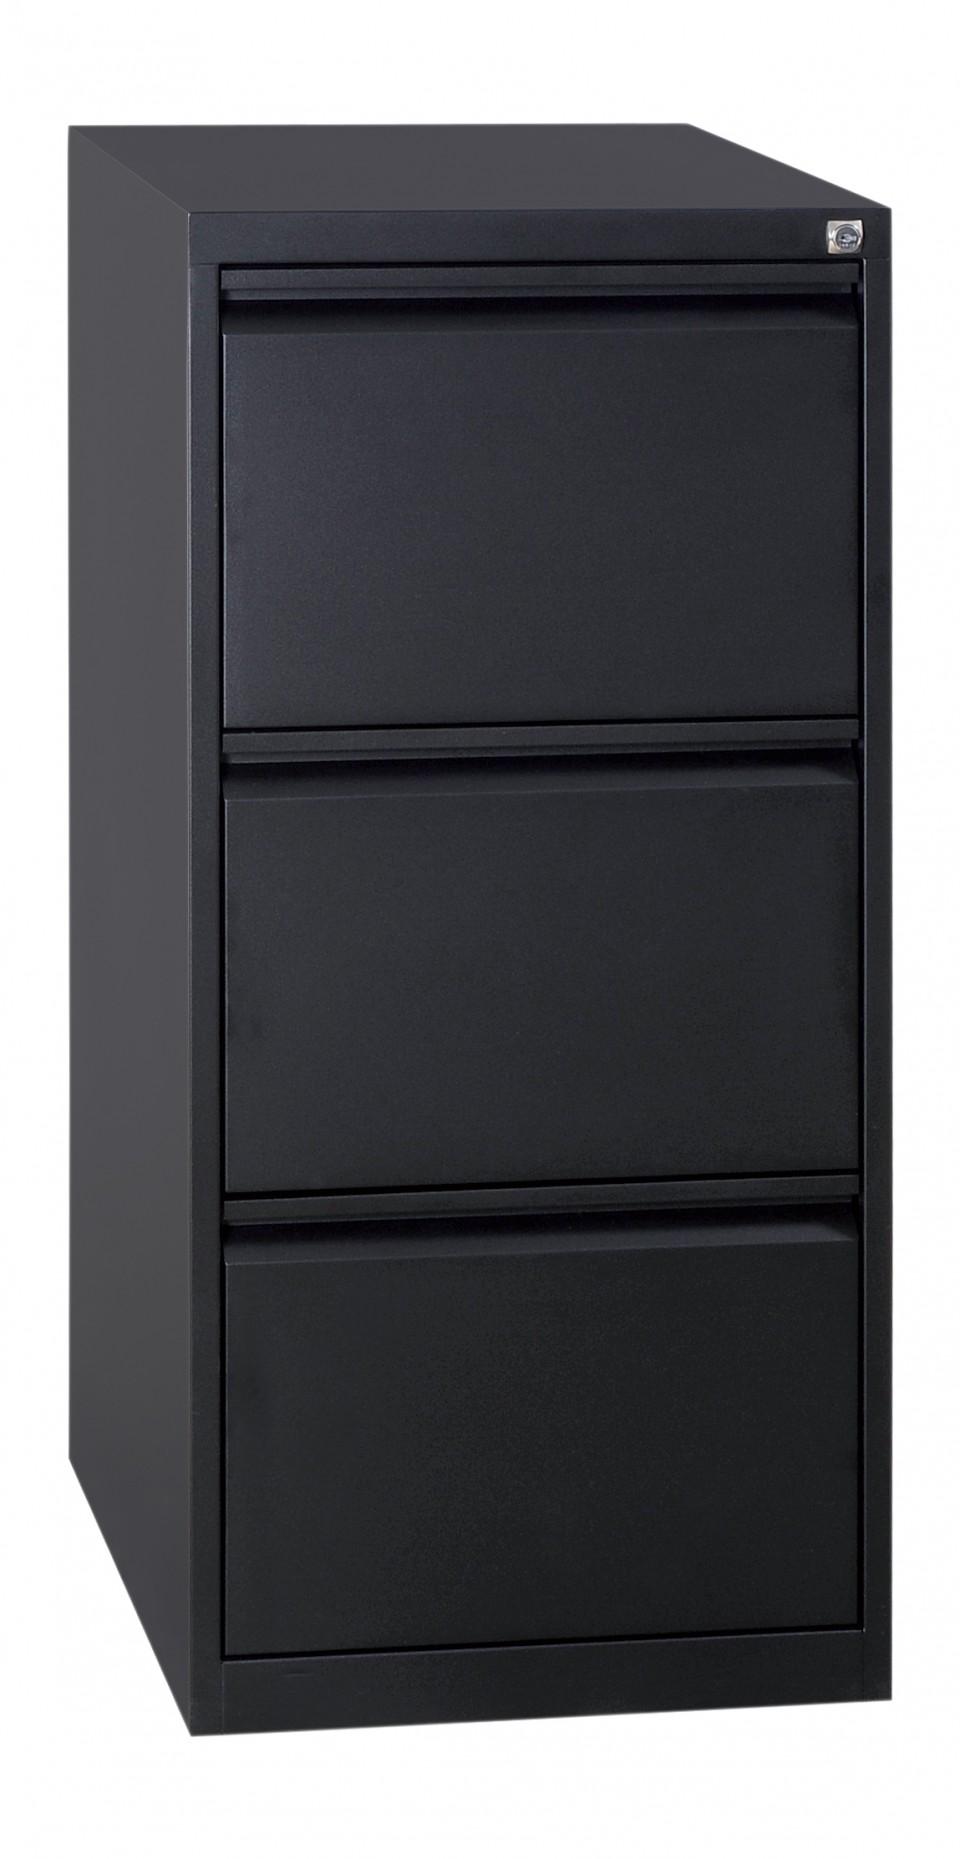 classeur tiroirs dossiers suspendus achat caisson 319 00. Black Bedroom Furniture Sets. Home Design Ideas